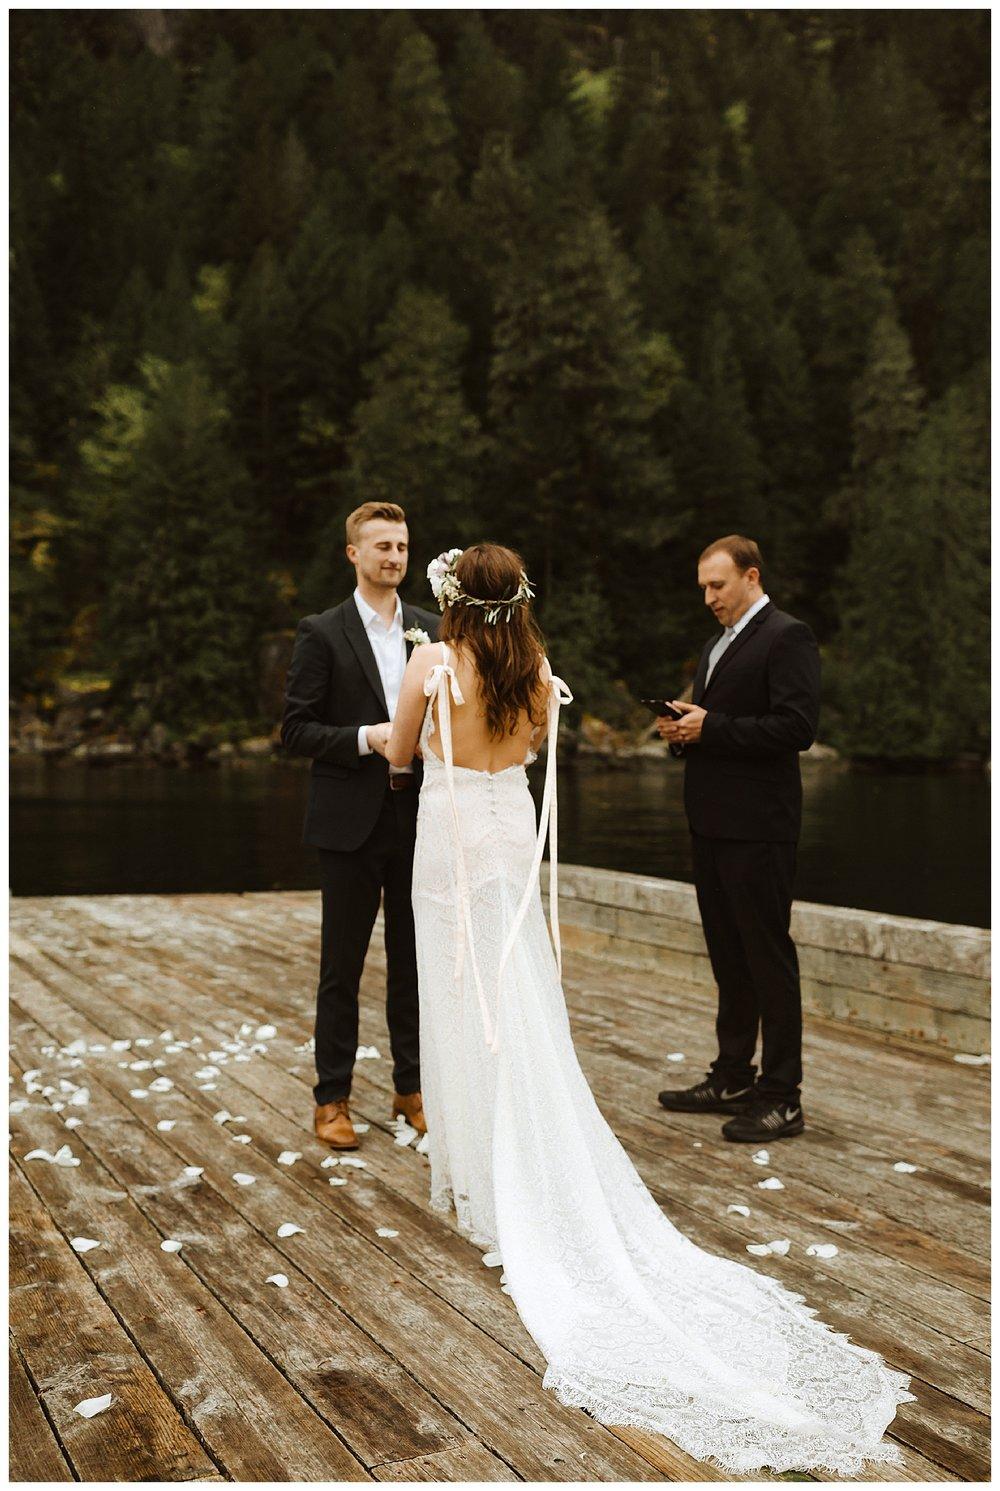 Vancouver BC Elopement Cassie Trottier Photography00052.jpg